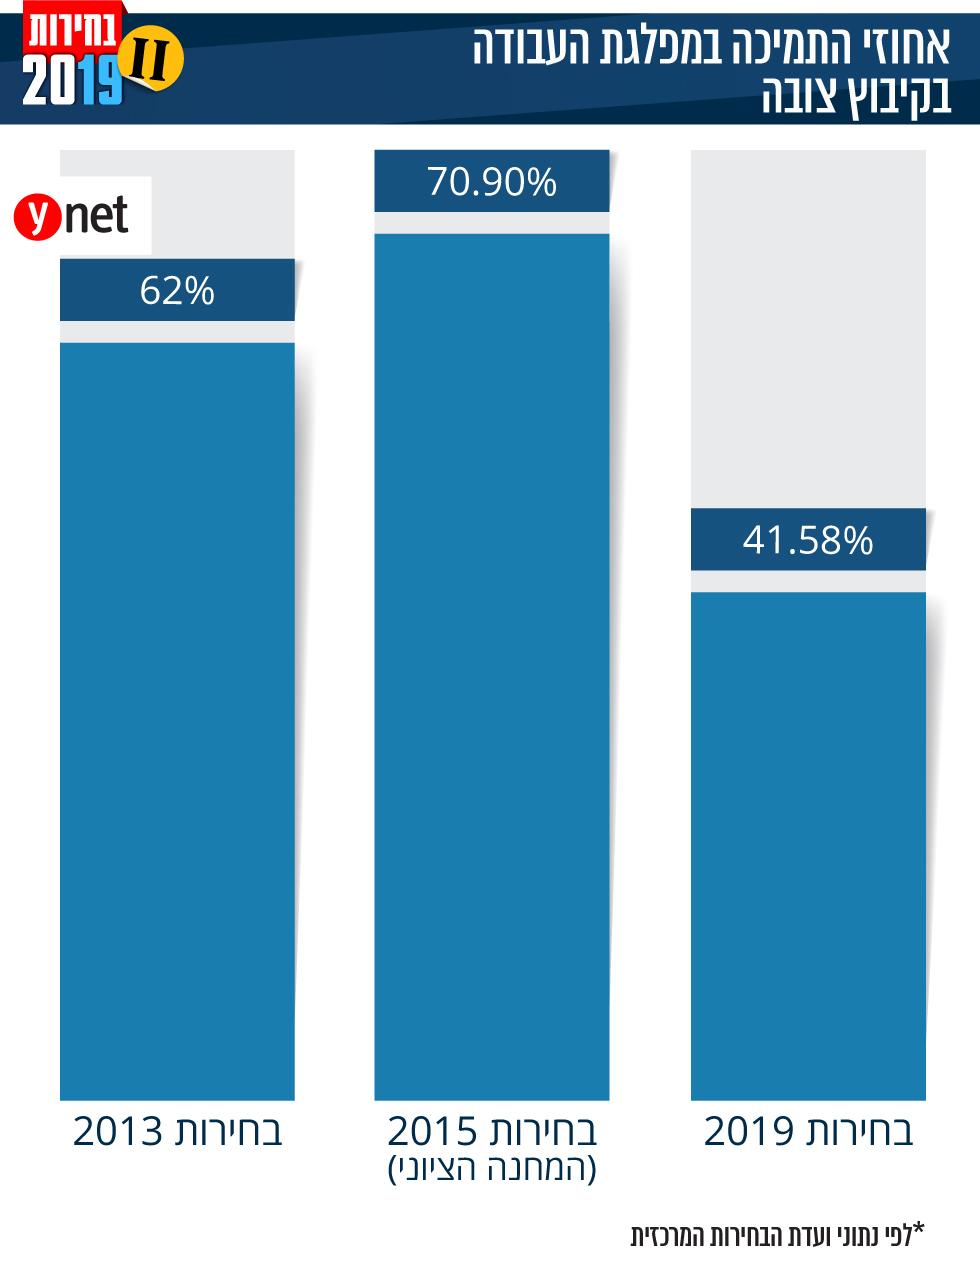 אחוזי התמיכה במפלגת העבודה בקיבוץ צובה ()